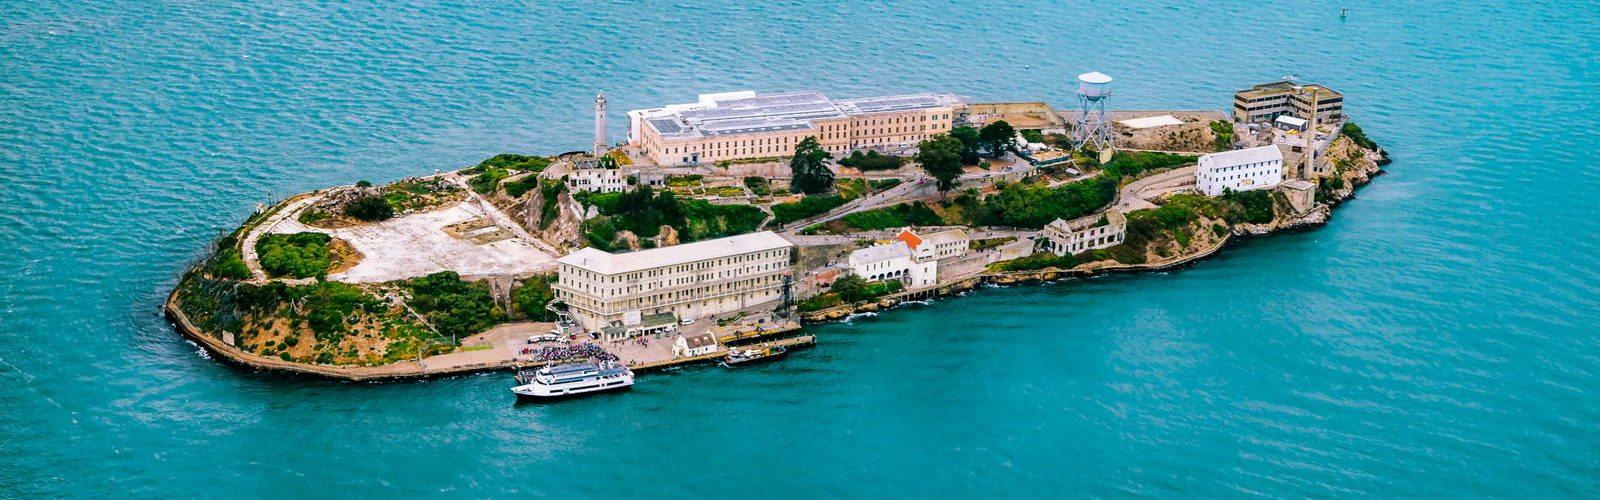 alcatraz-prison-visite-san-francisco-une